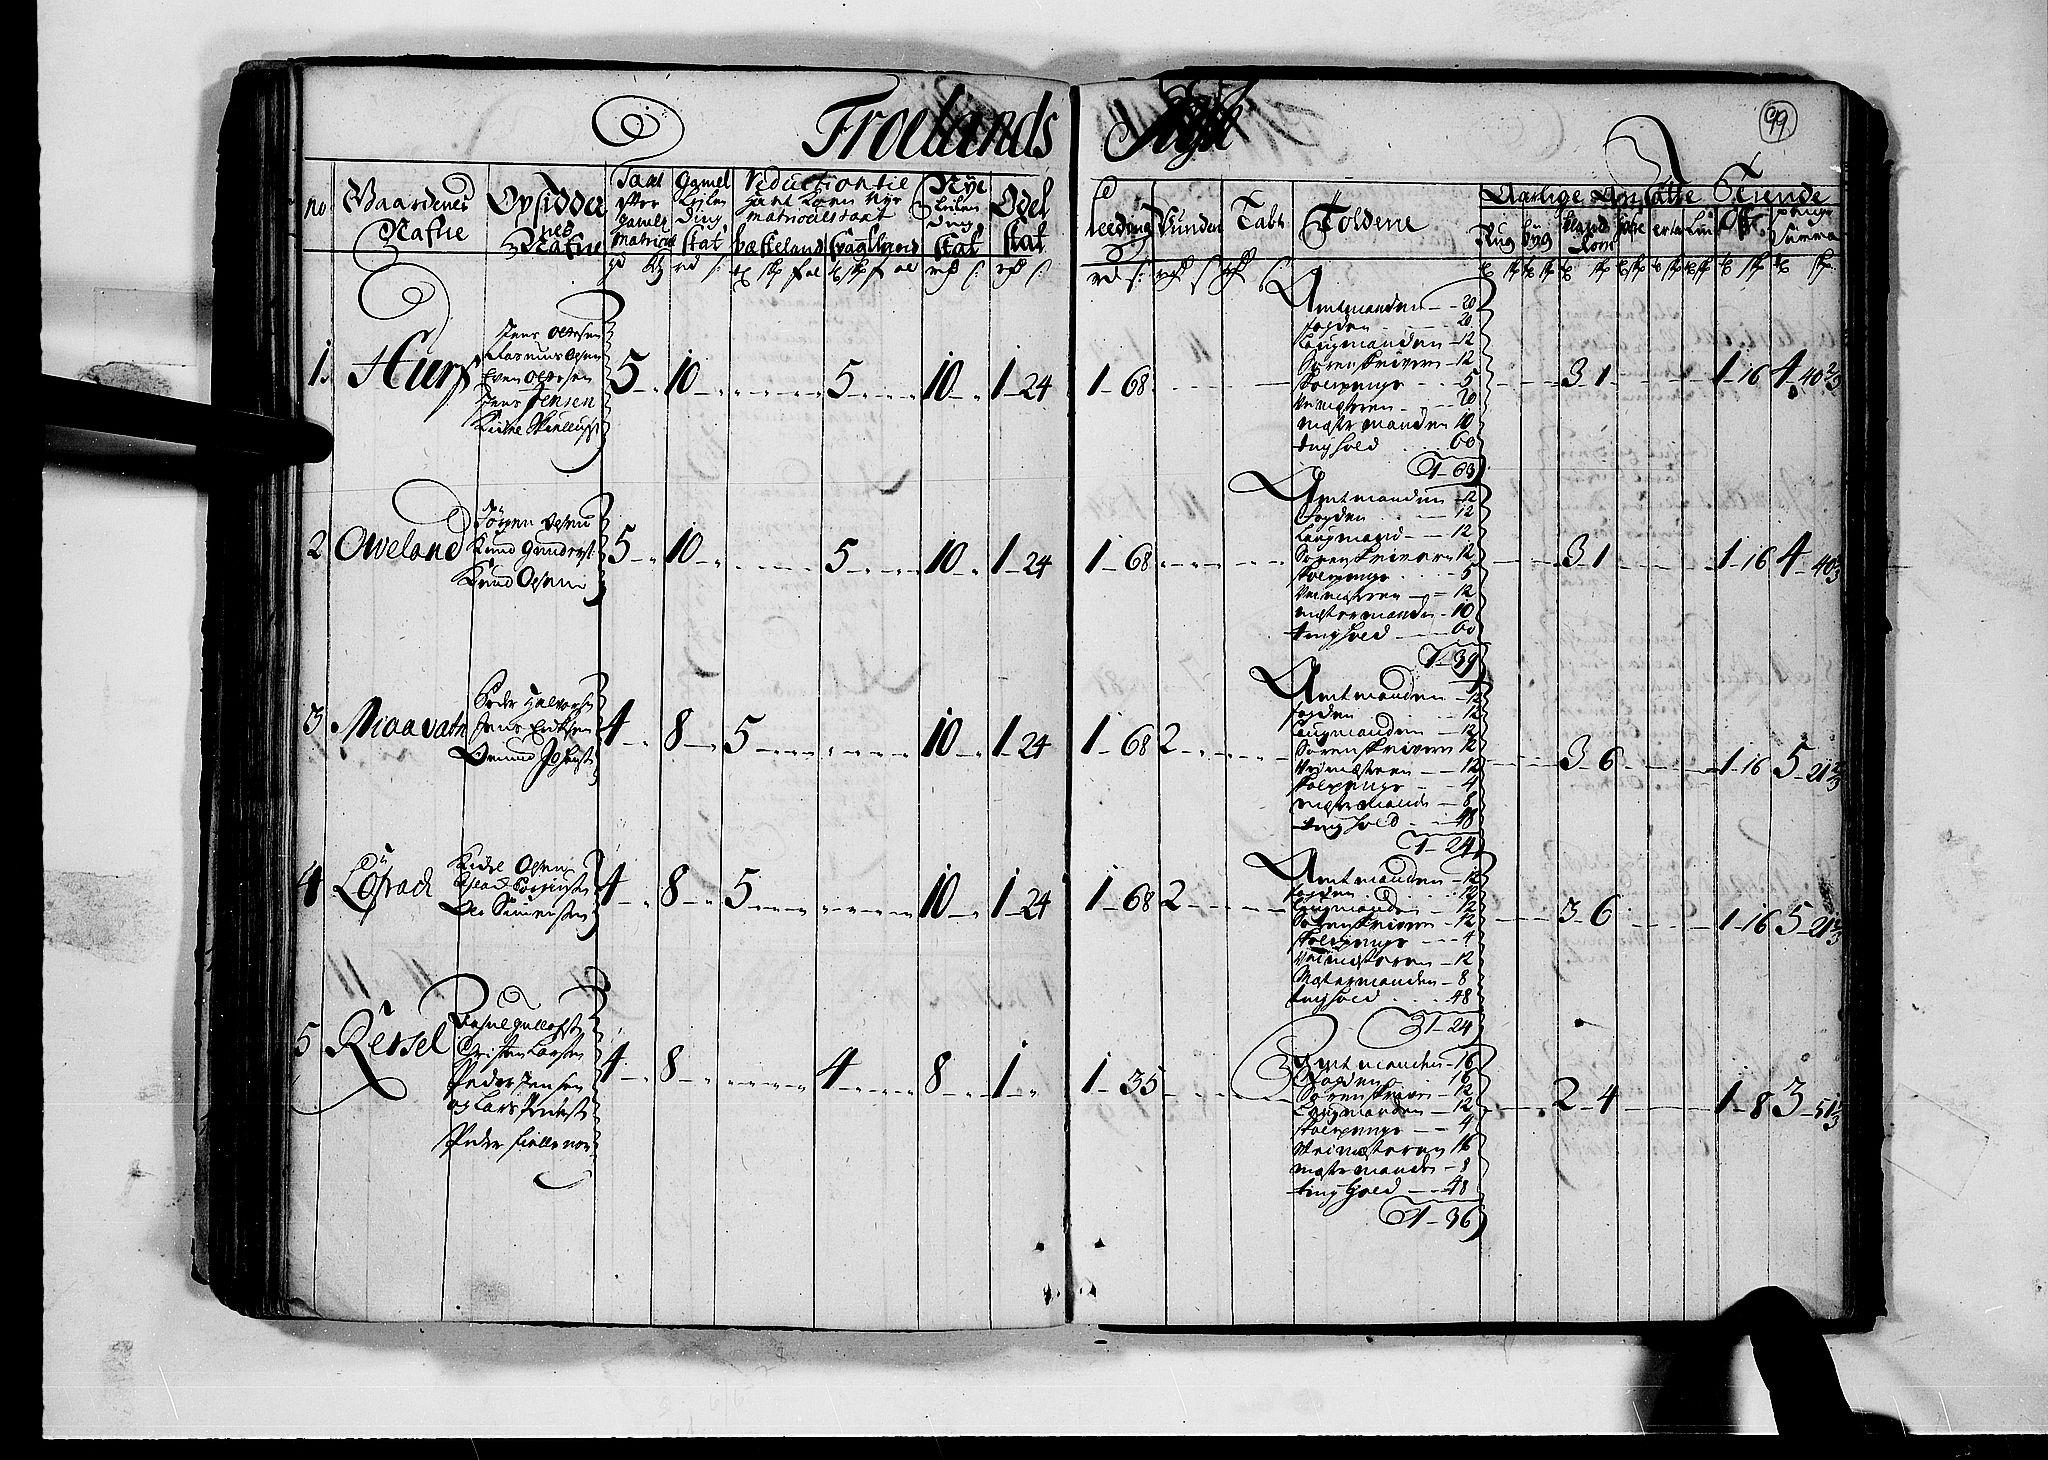 RA, Rentekammeret inntil 1814, Realistisk ordnet avdeling, N/Nb/Nbf/L0124: Nedenes matrikkelprotokoll, 1723, s. 98b-99a